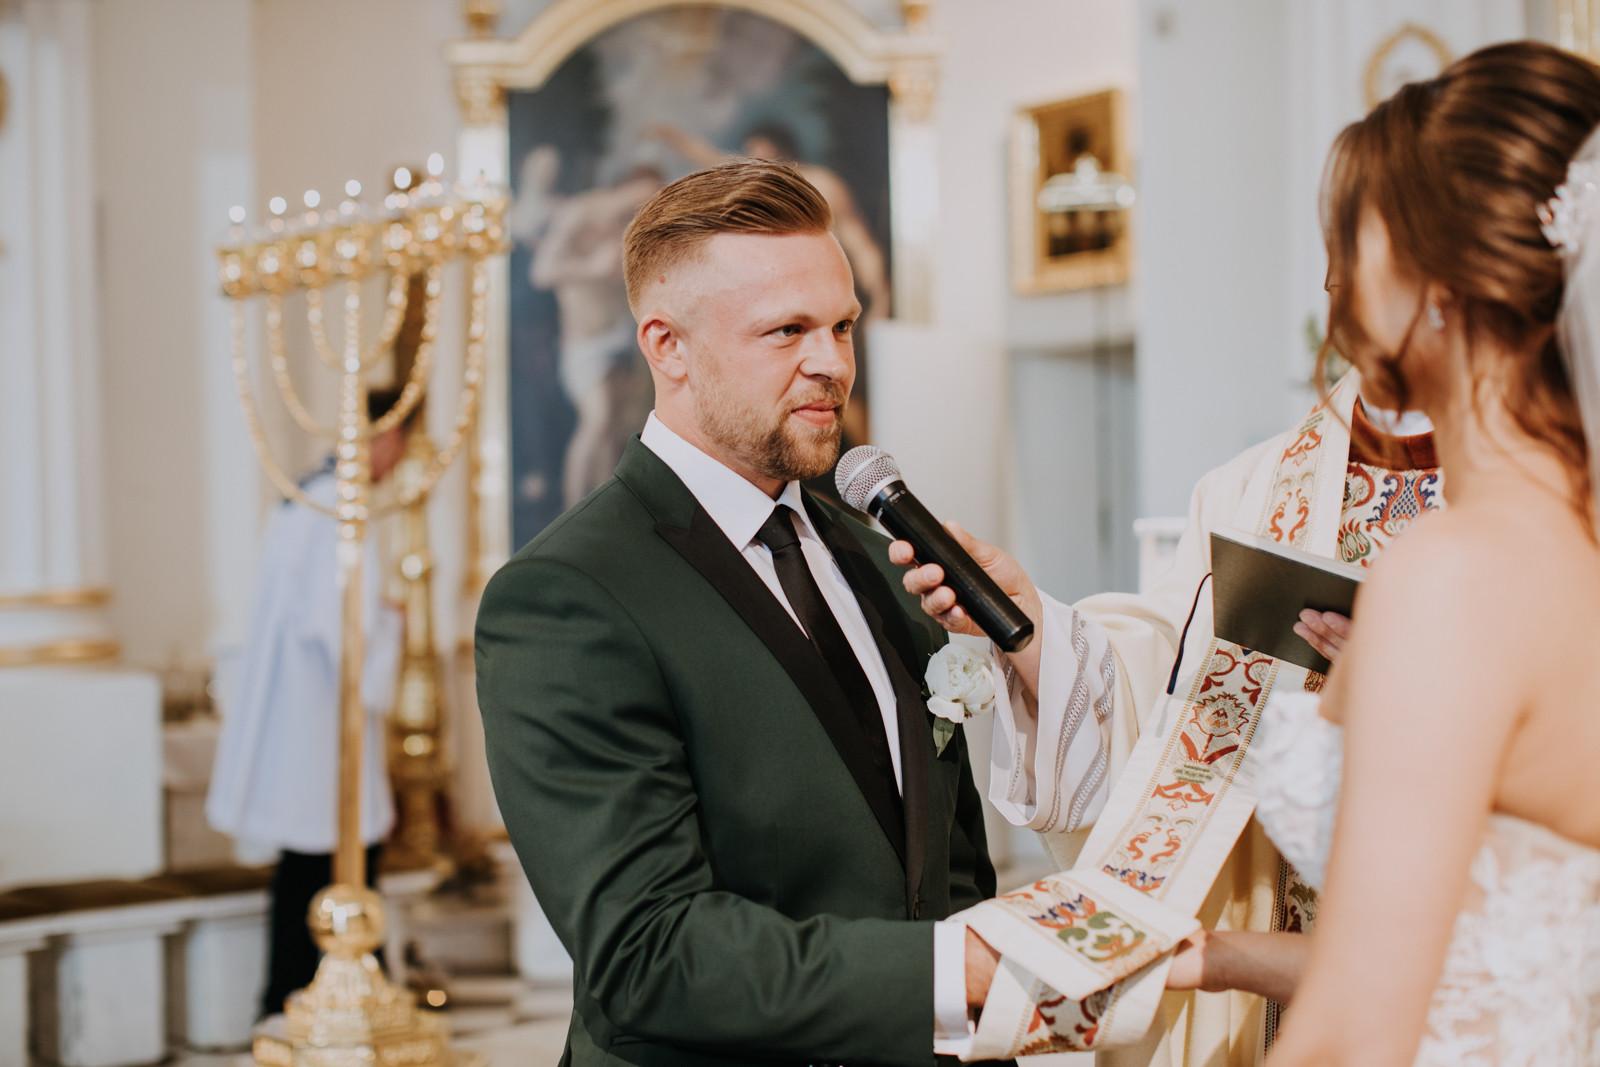 reportaż ślubny, fotograf ślubny warszawa